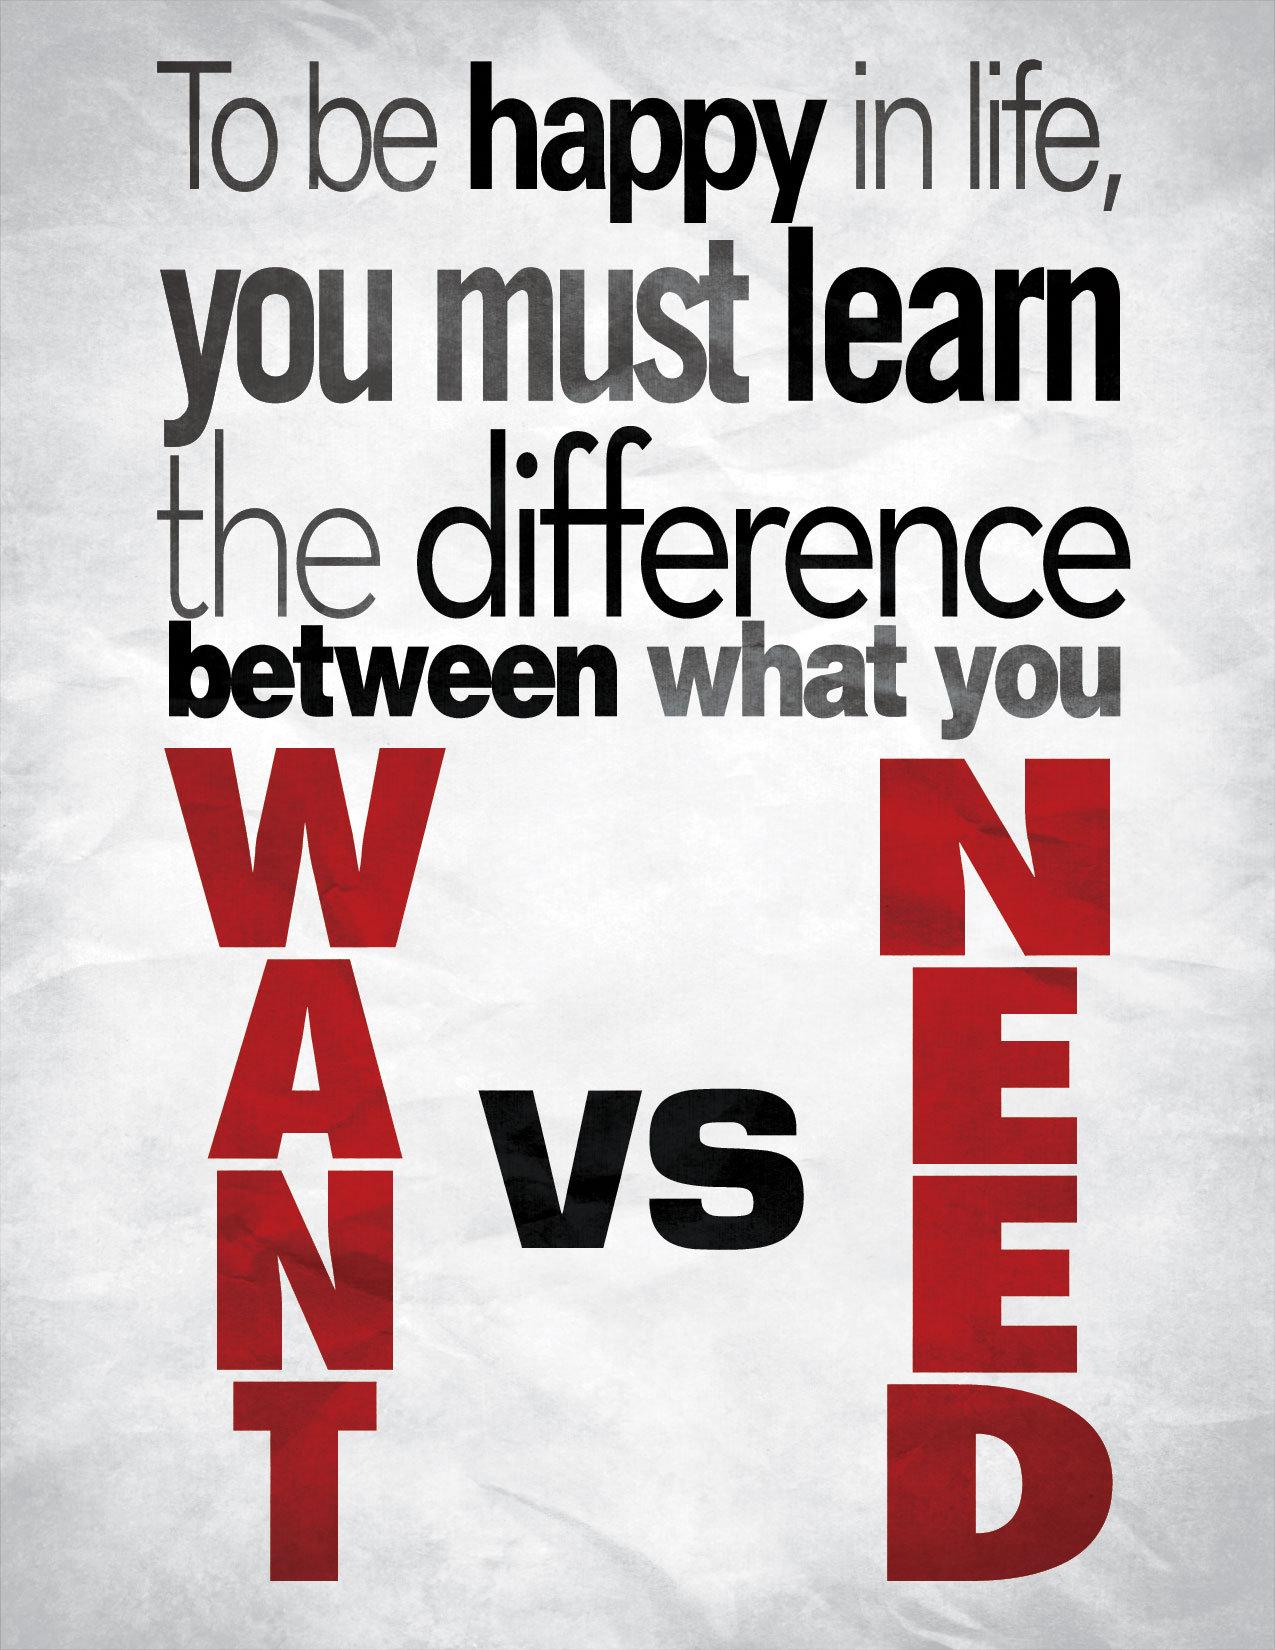 want_vs_need_by_rogaziano